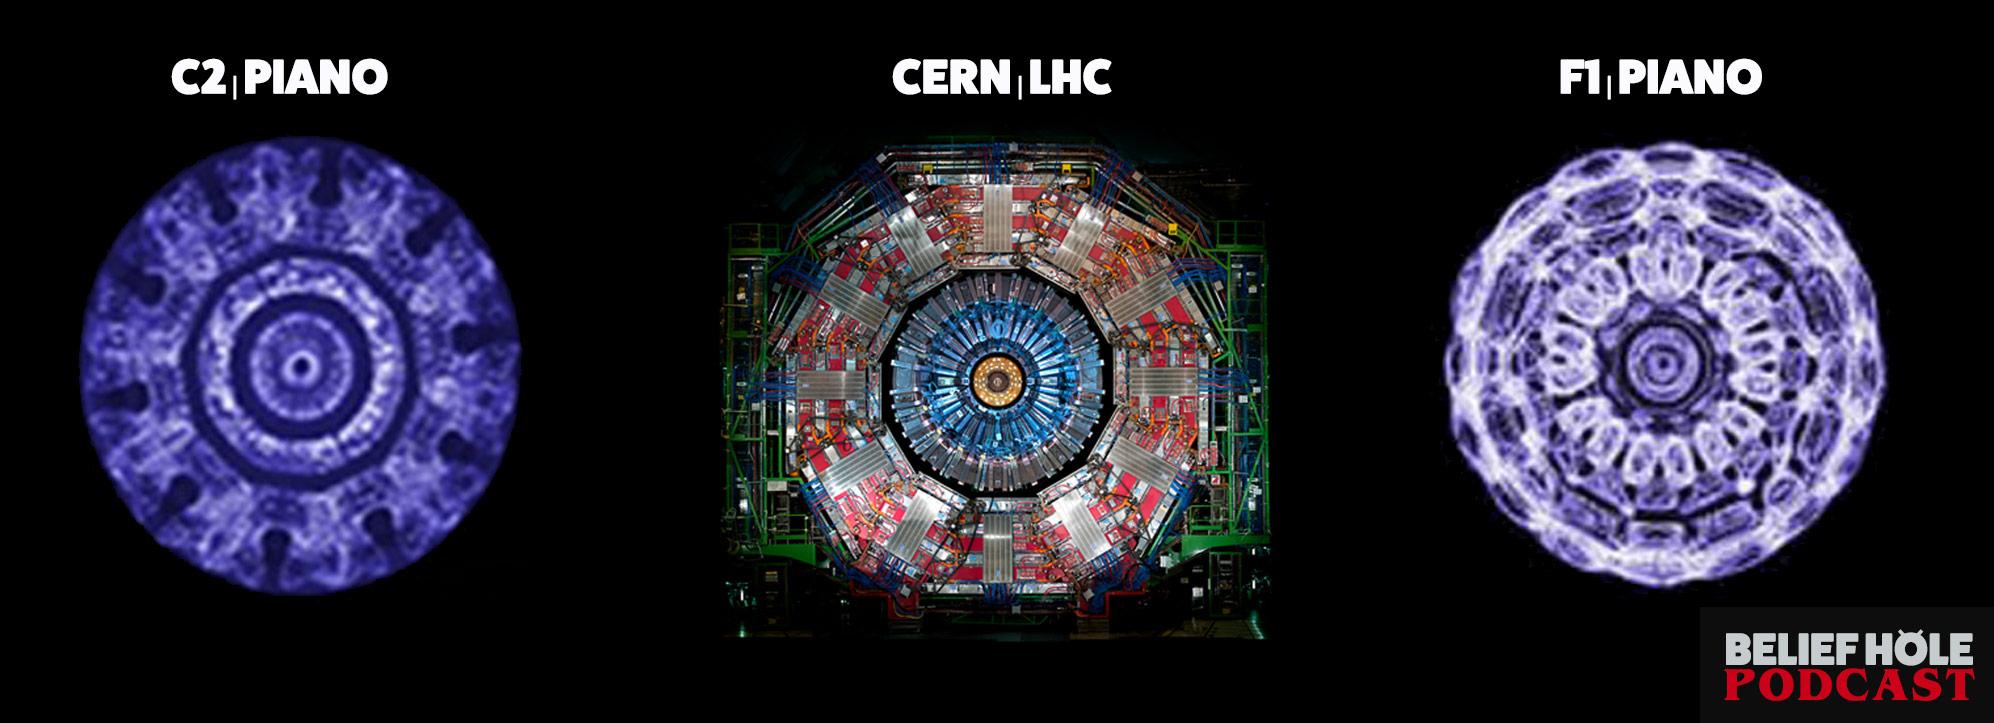 Cymatics - Piano Note - Cern LHC - Comparison